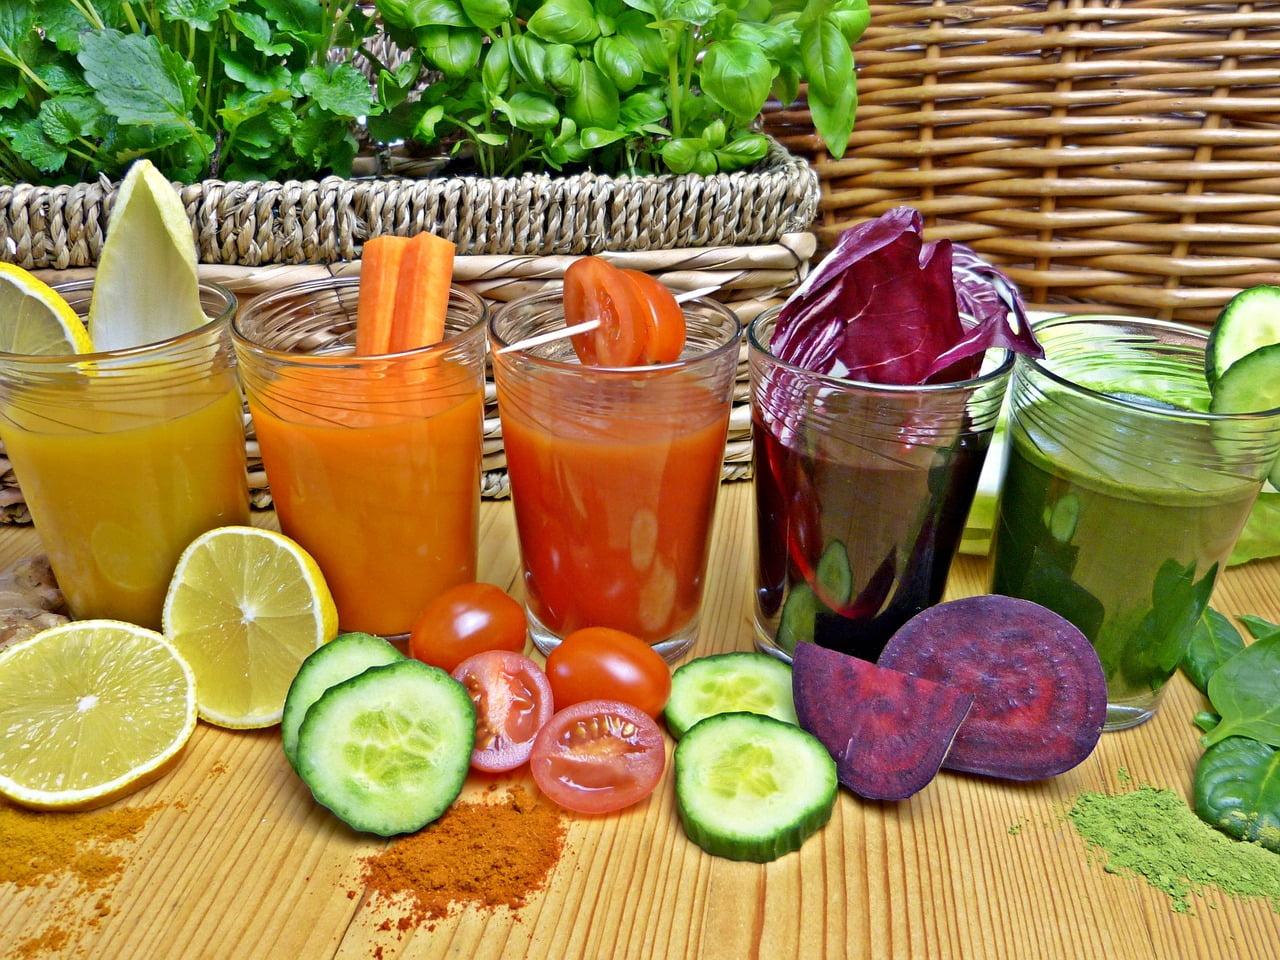 Ogórek, pomidor, kapusta czerwona, cytryna, obok szklanki z sokami warzywnymi